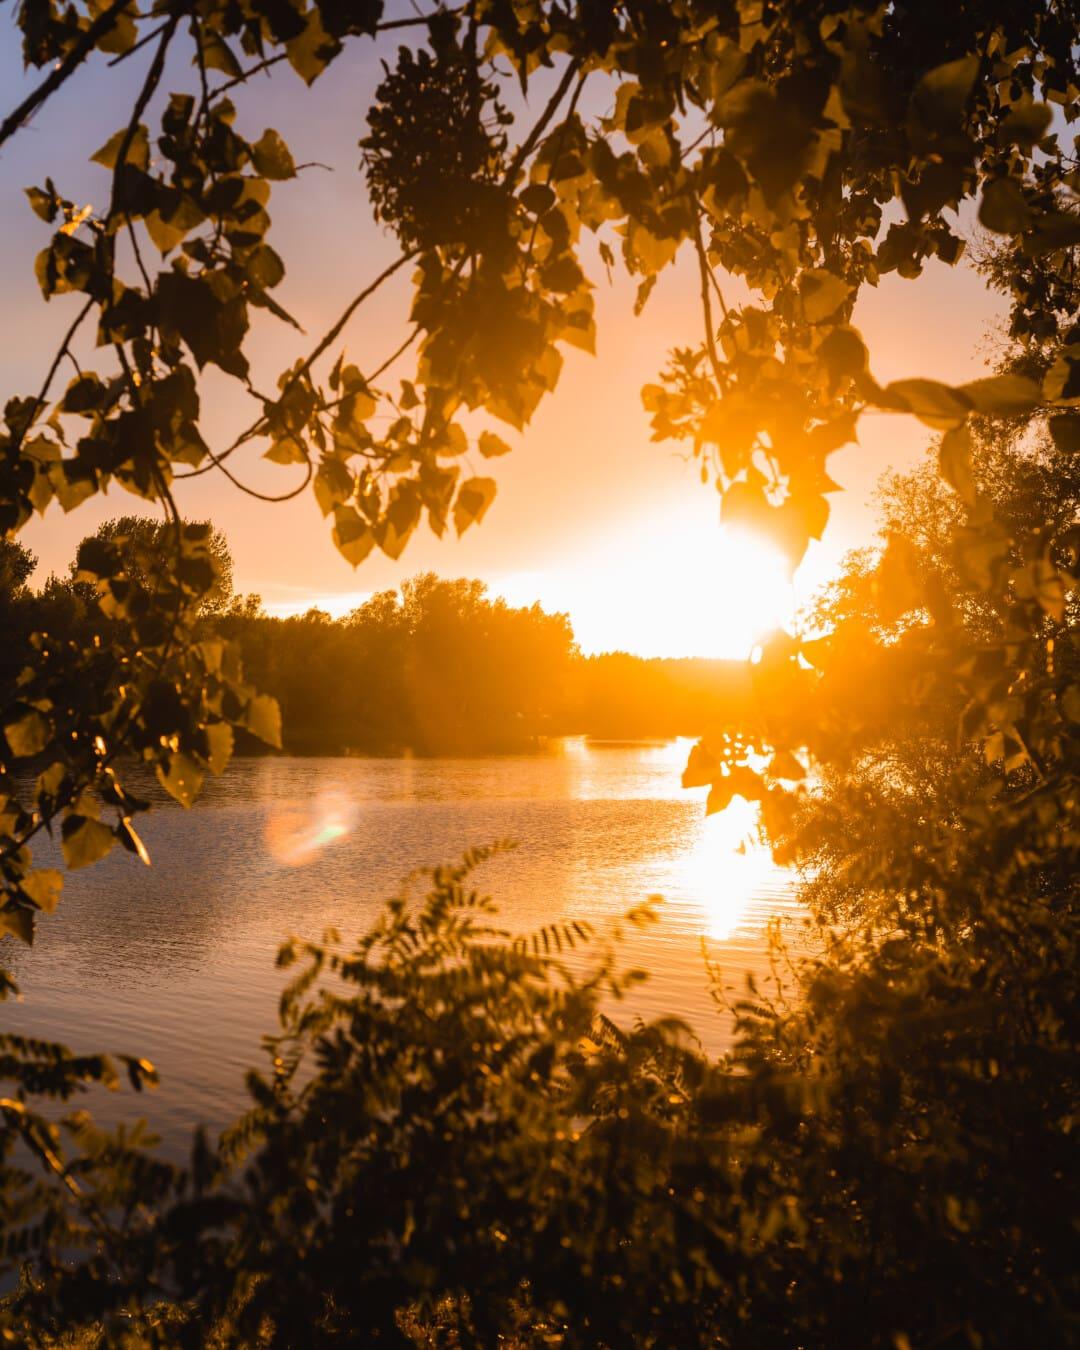 яркость, саншайн, солнечных пятен, берег реки, река, лучи солнца, солнечный свет, закат, деревья, филиалы